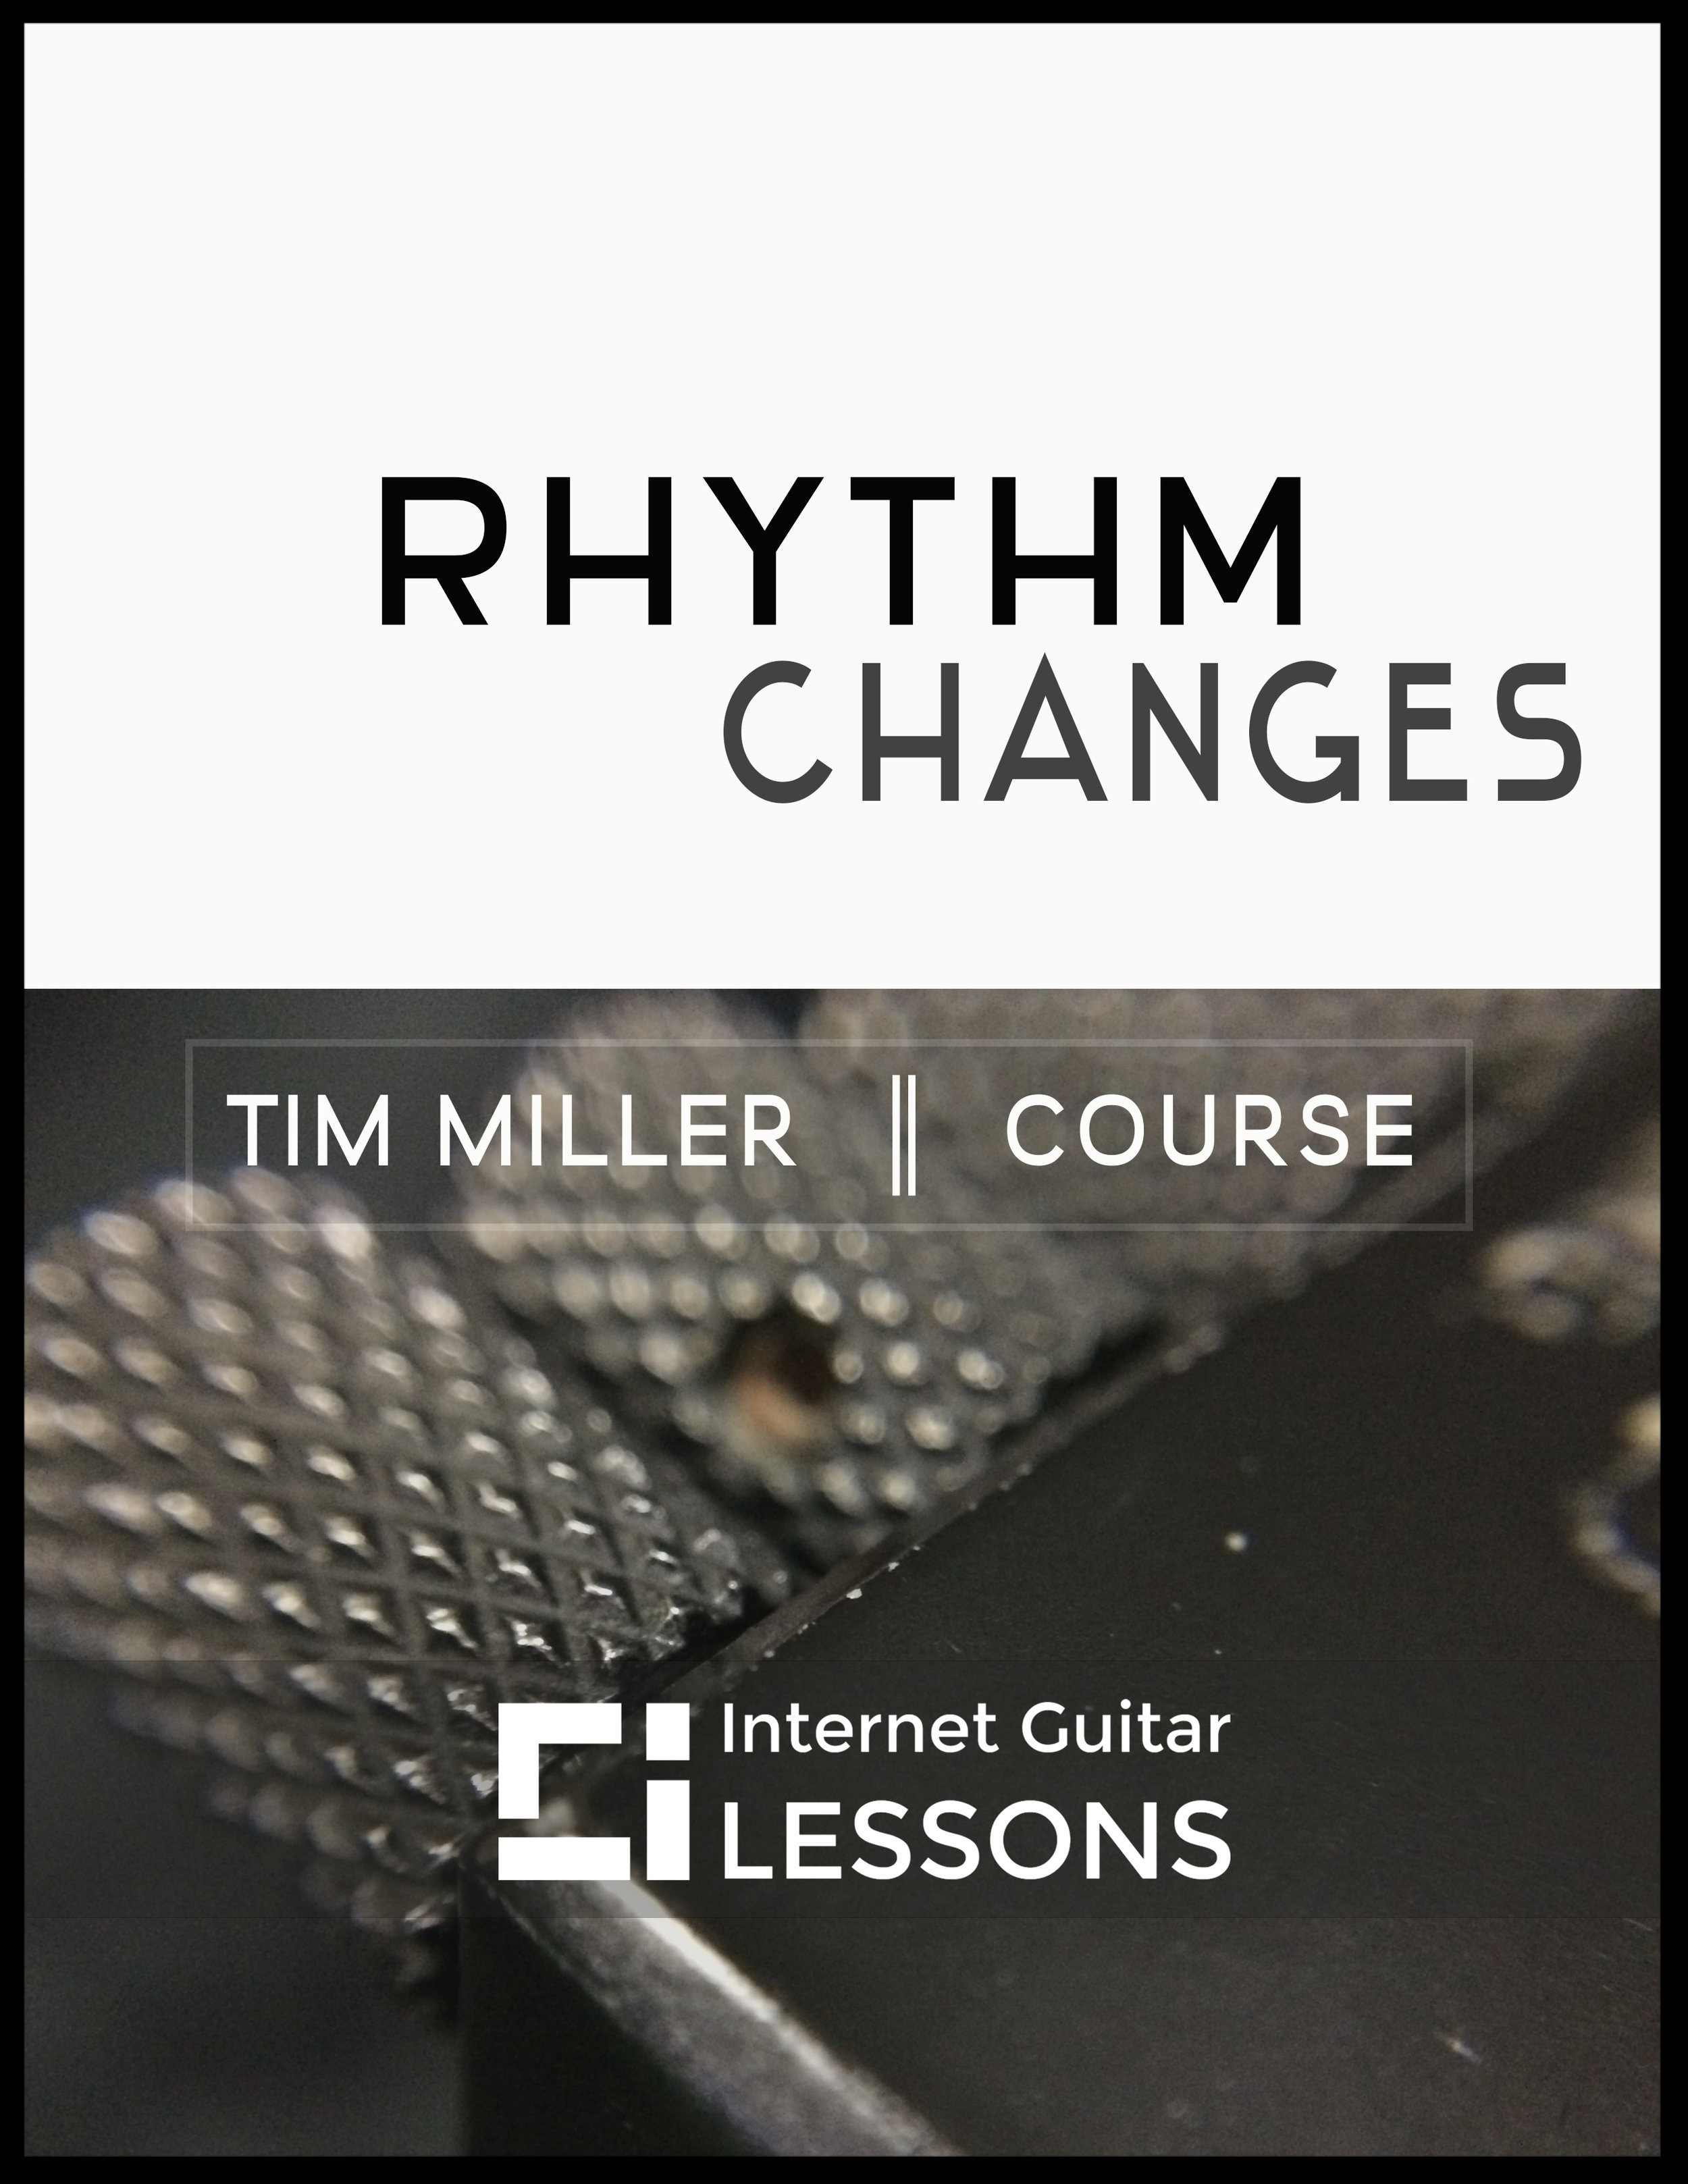 Rhythm Changes 1.17 flat.jpg